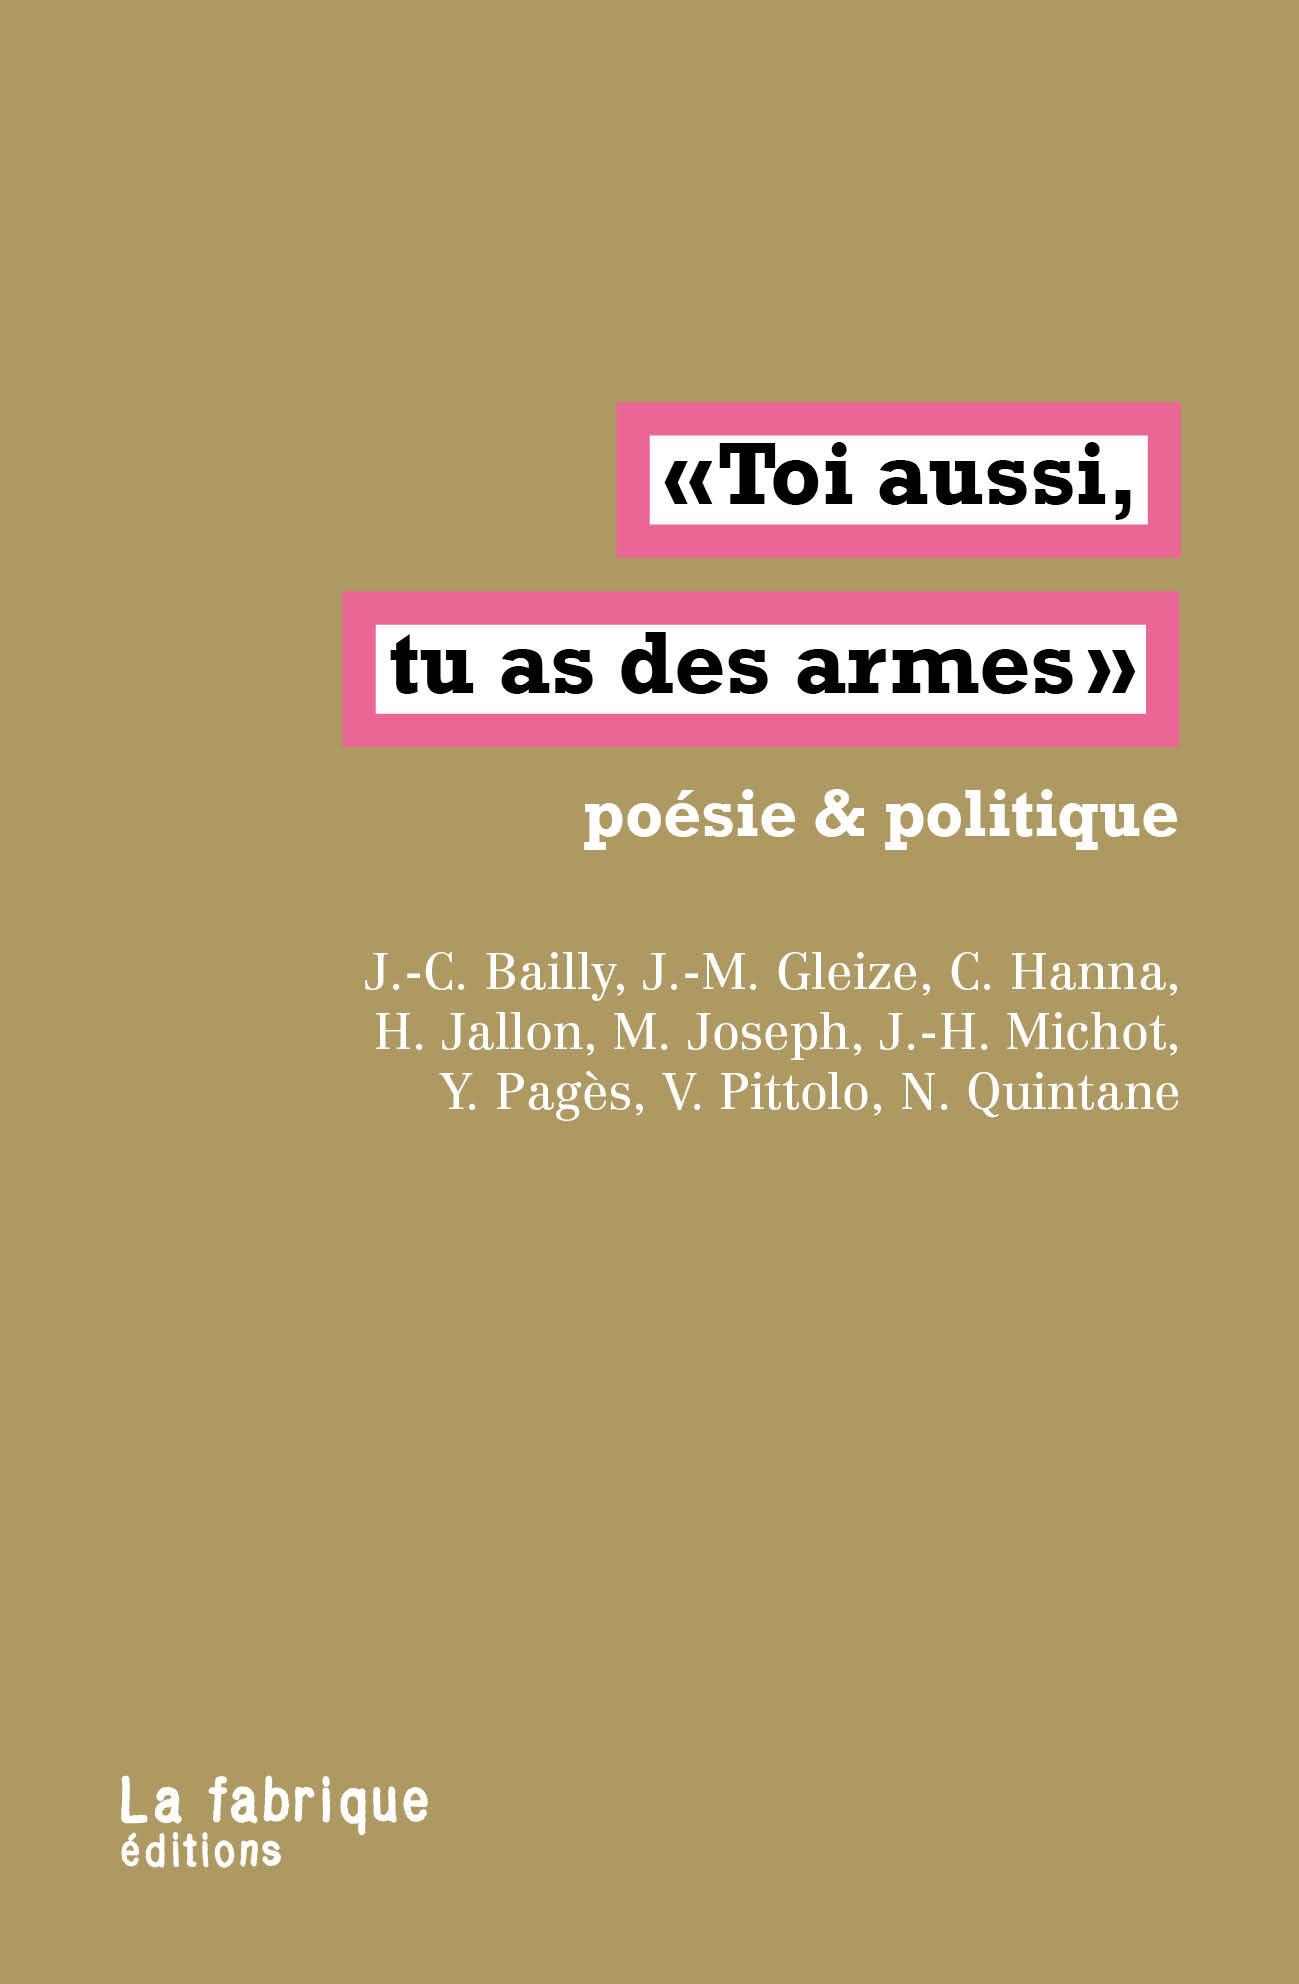 Toi aussi, tu as des armes ; poésie & politique